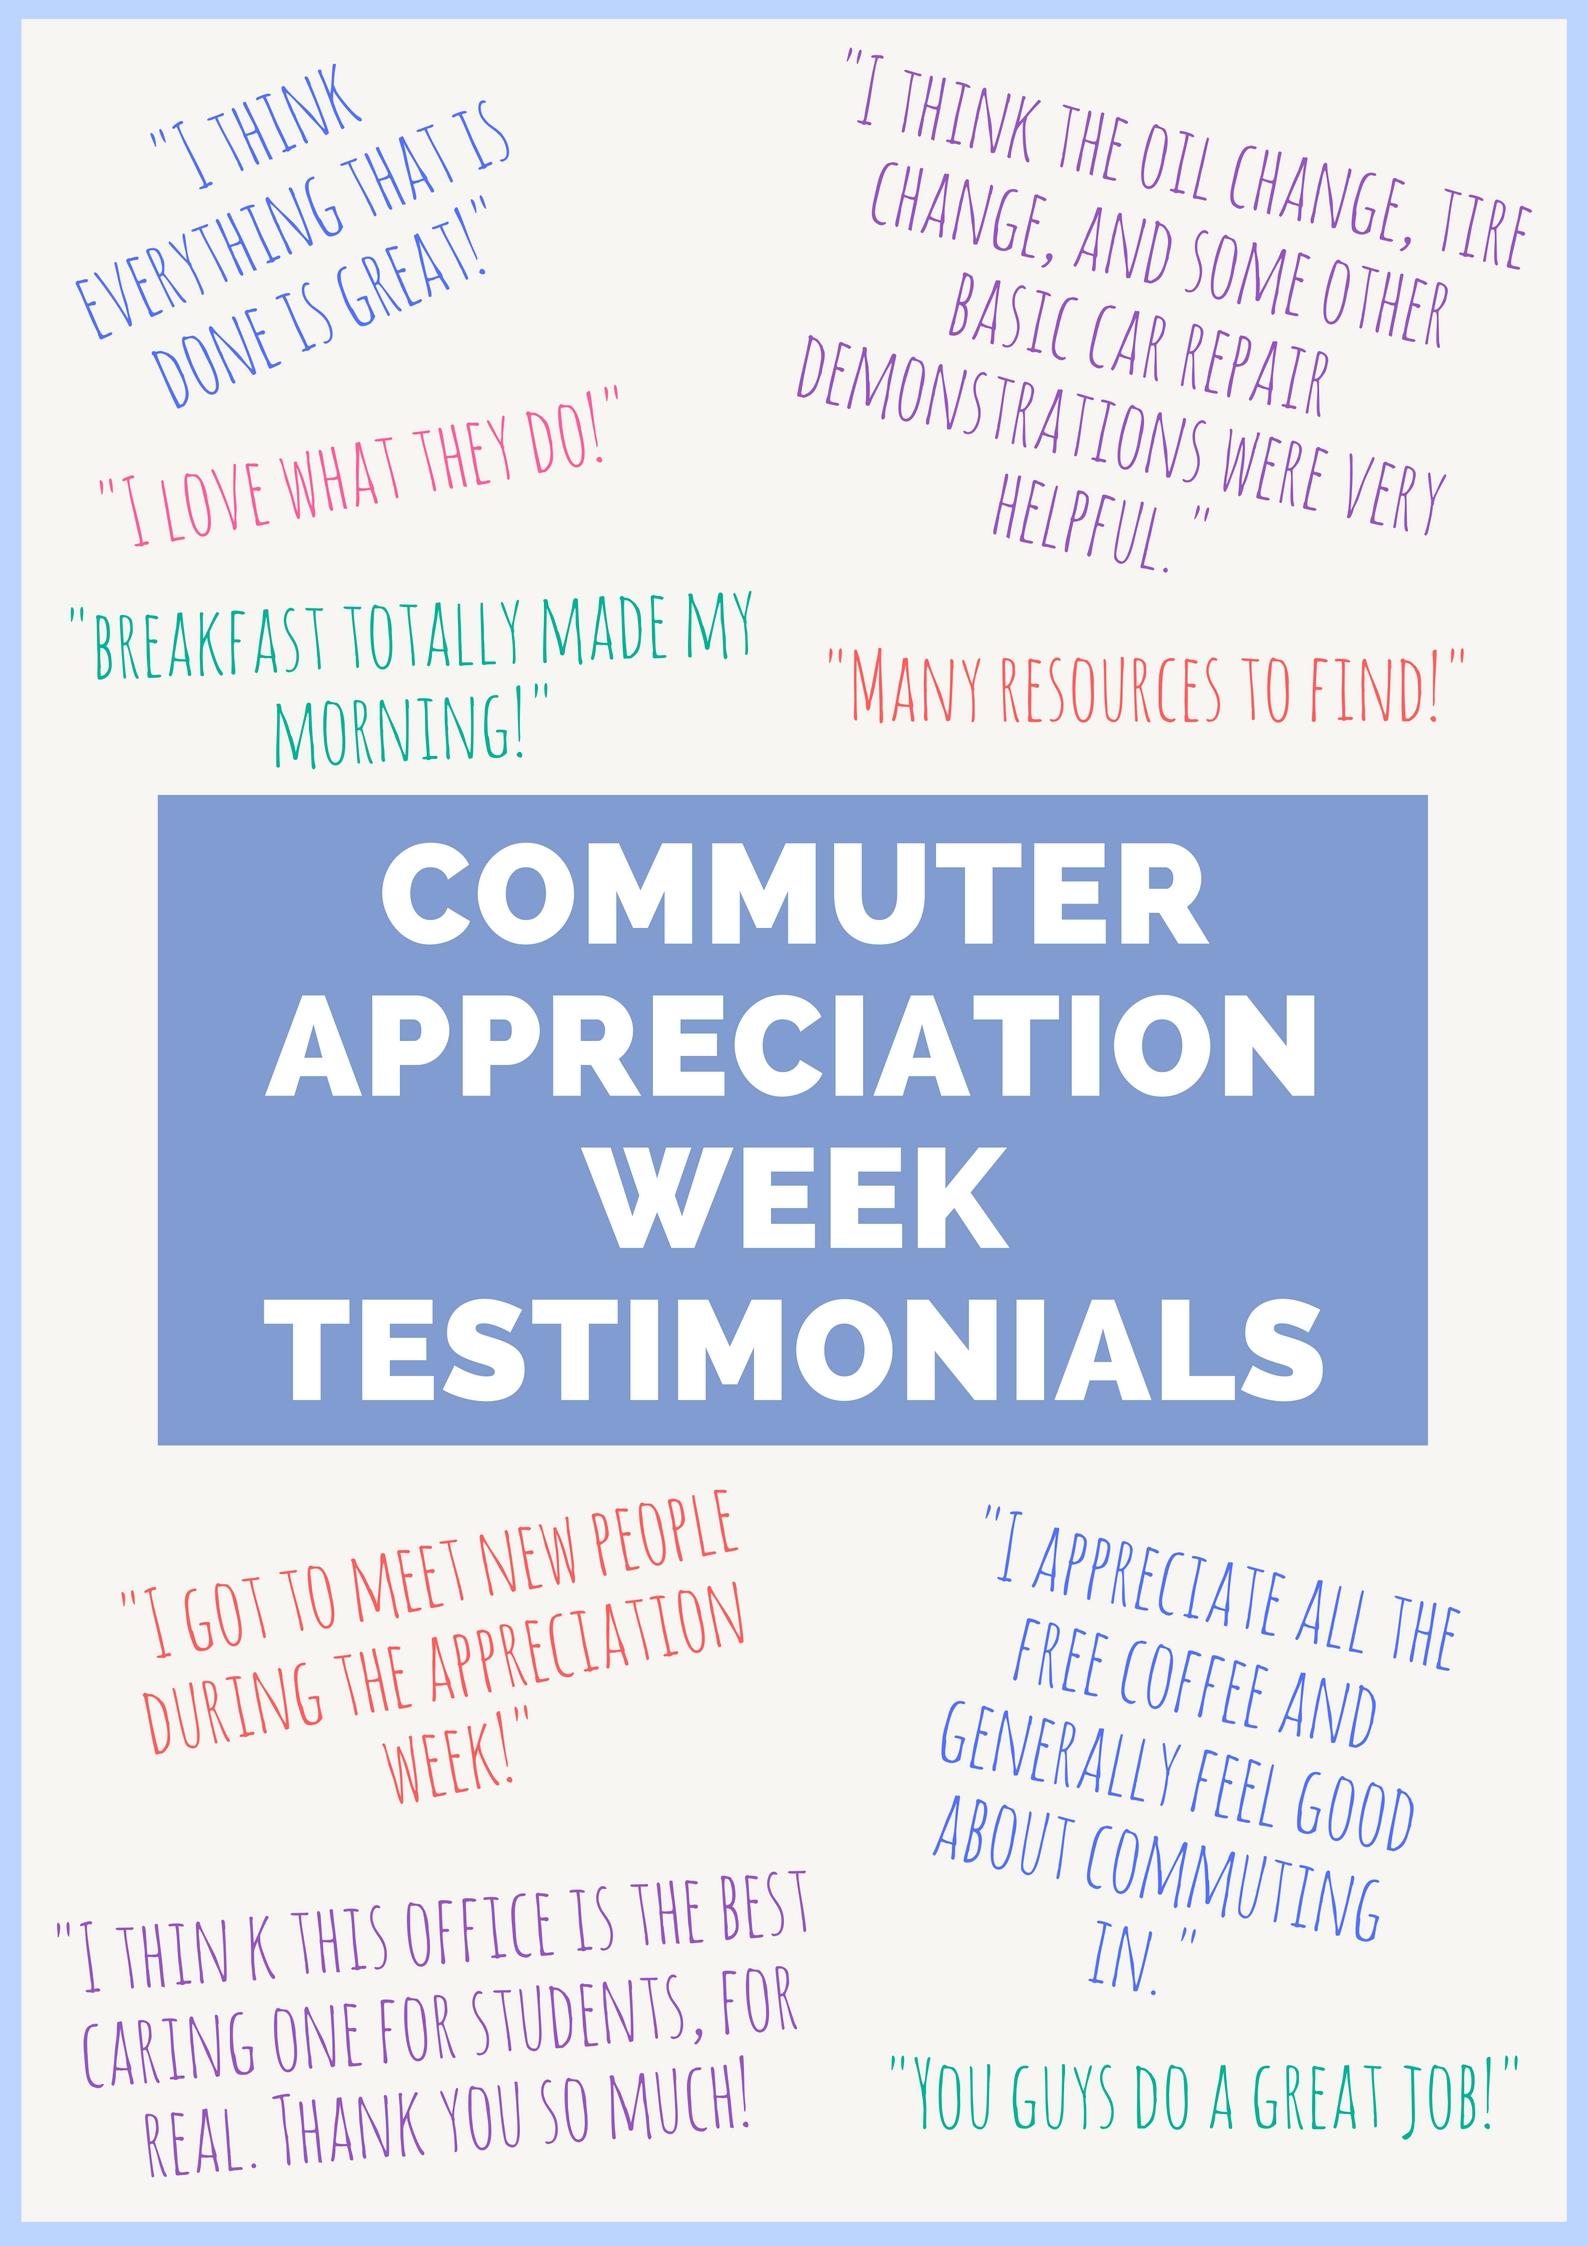 Commuter Appreciation Week Testimonials